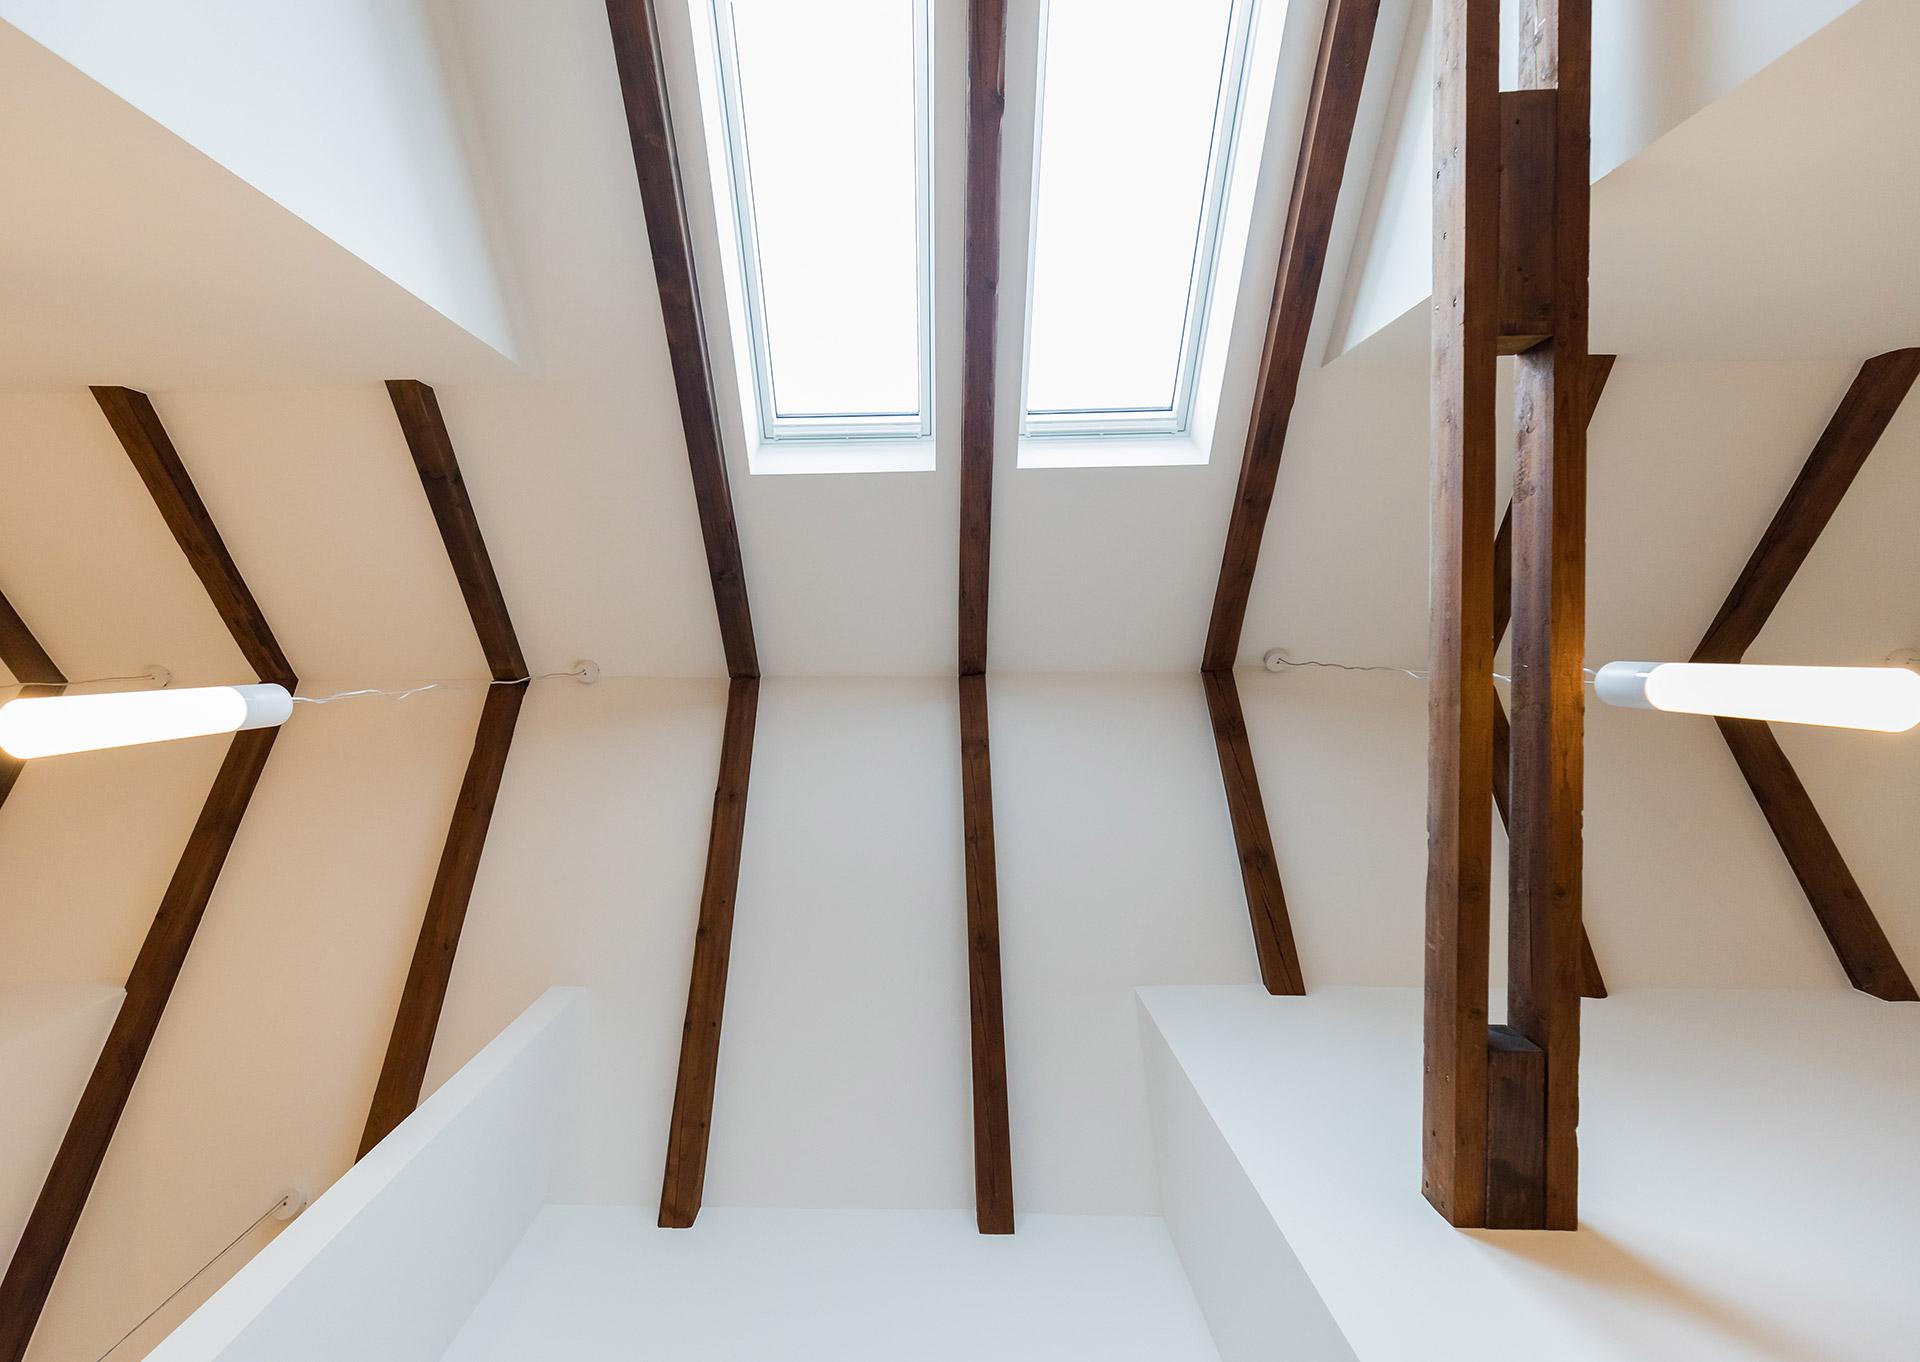 20191024_Park48_Architekten_Wulff-Thaysen_Ratzeburg_00000000089